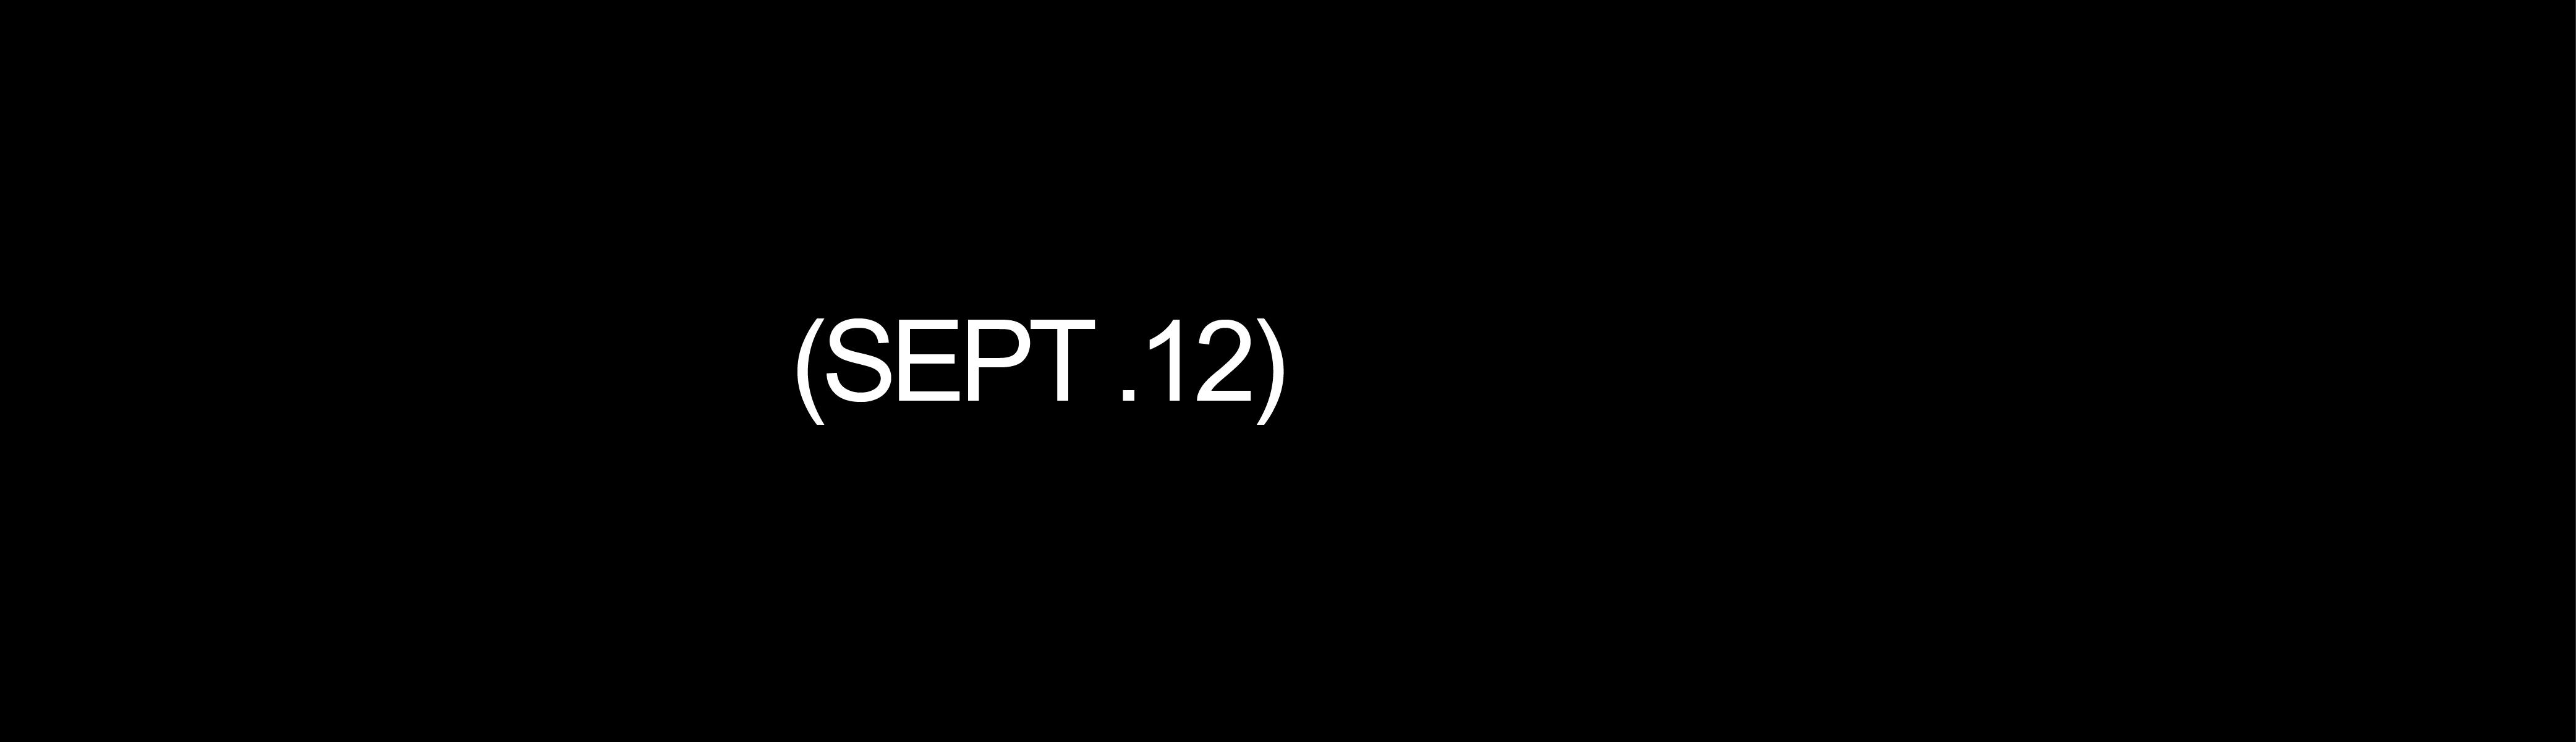 BANNER-sept12.jpg